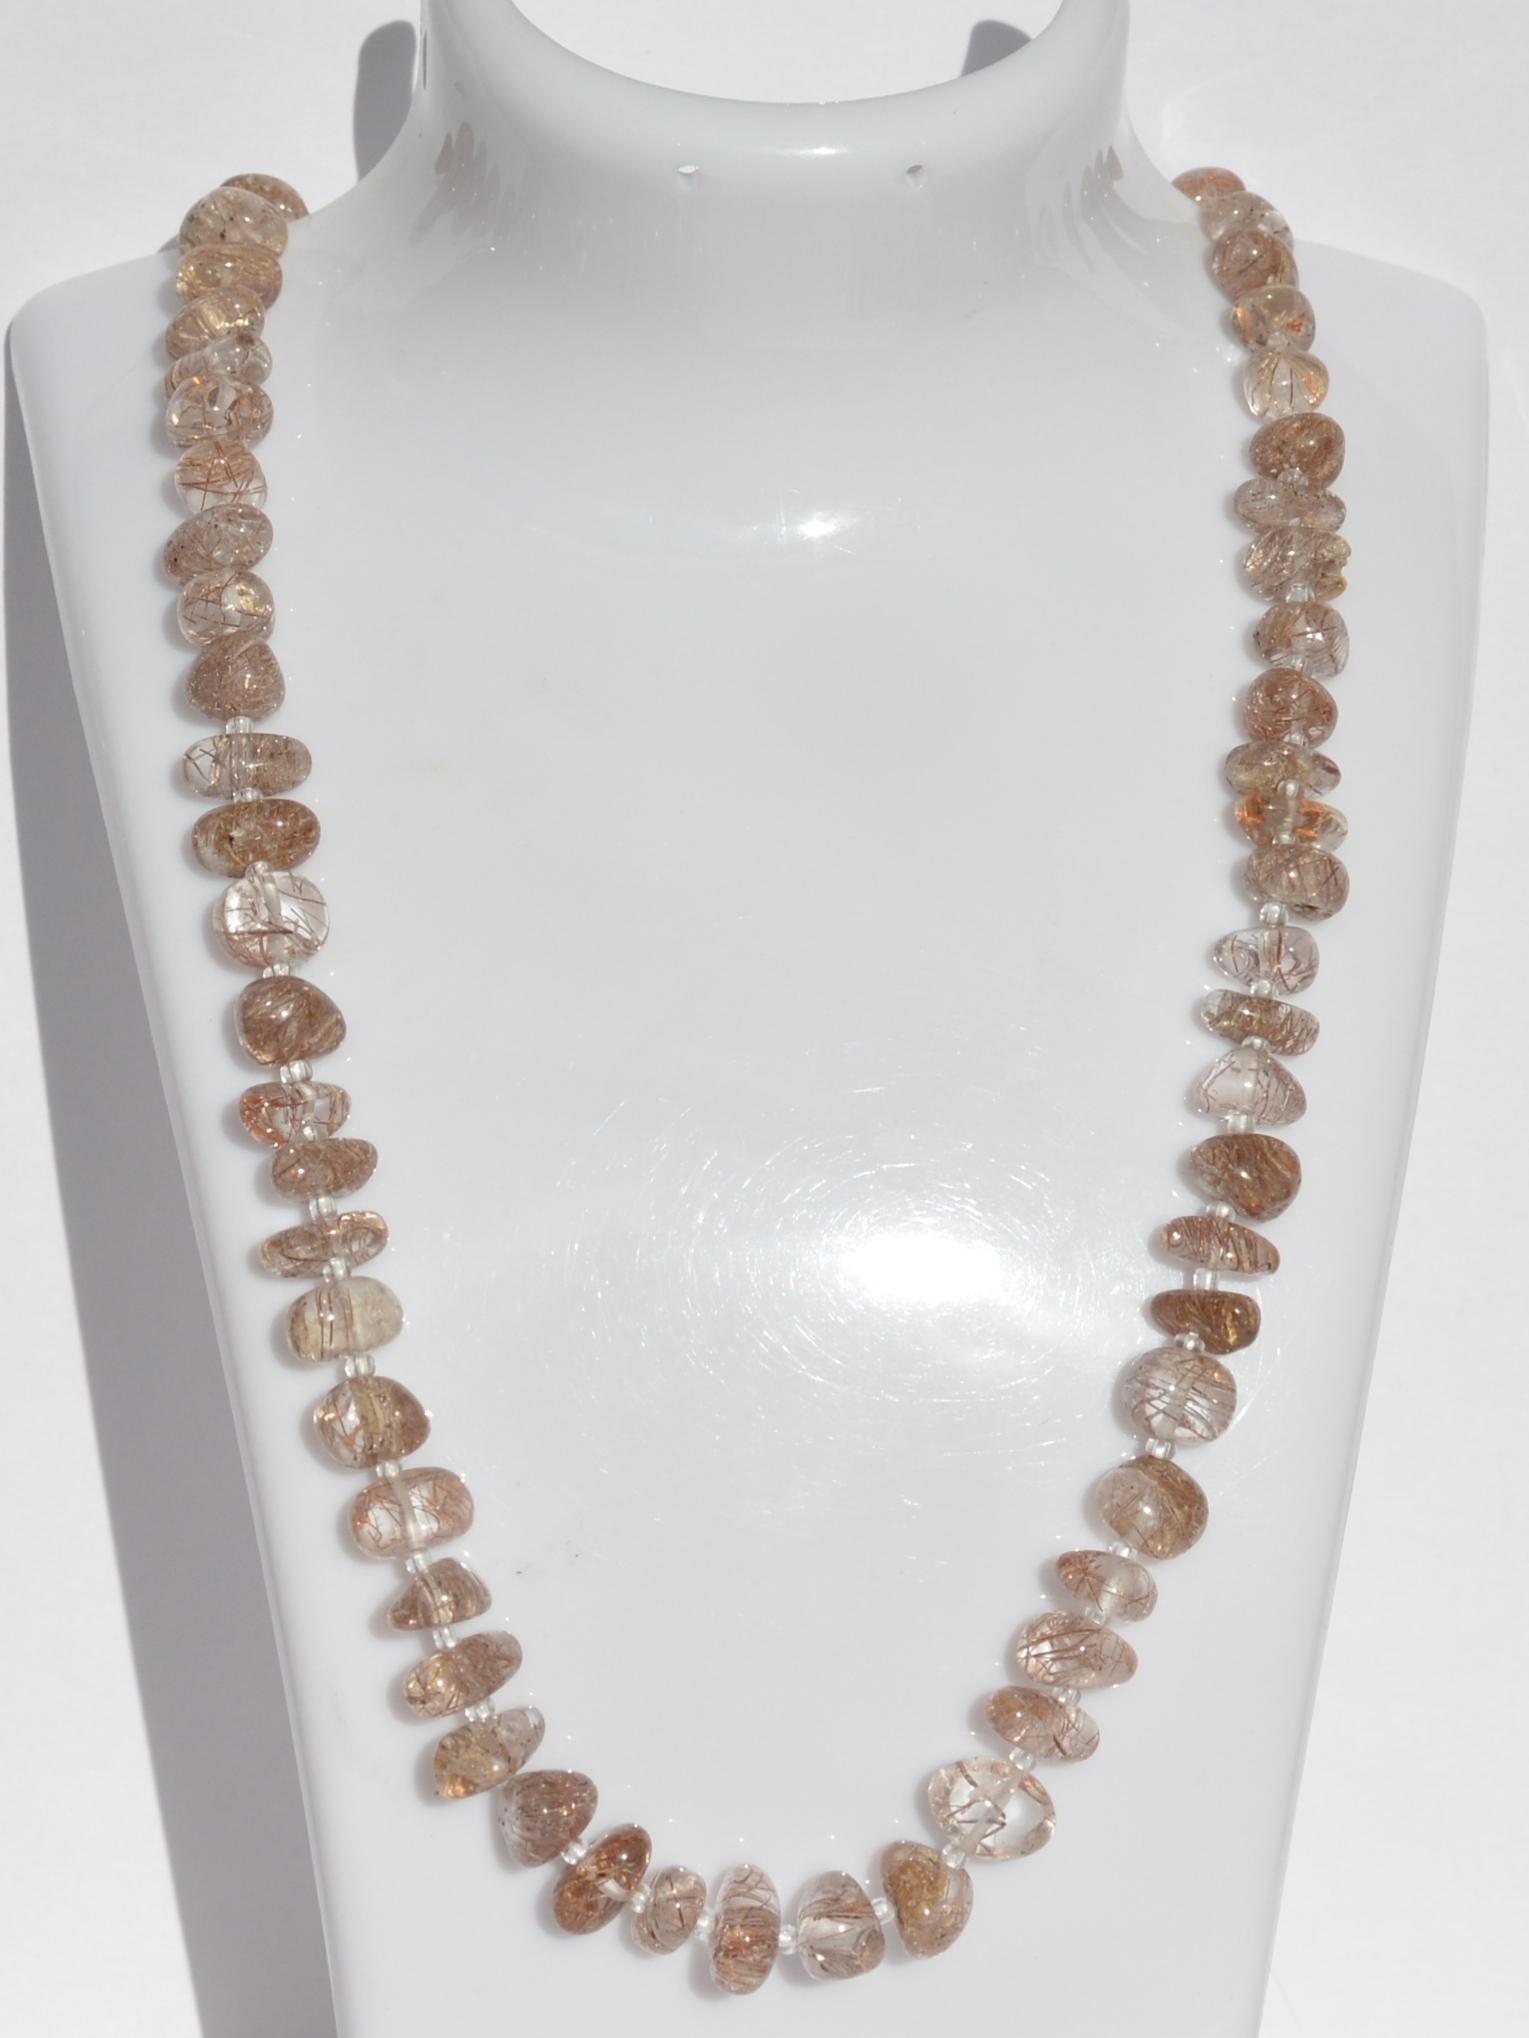 Волосатик Г(бусы из натуральных камней)